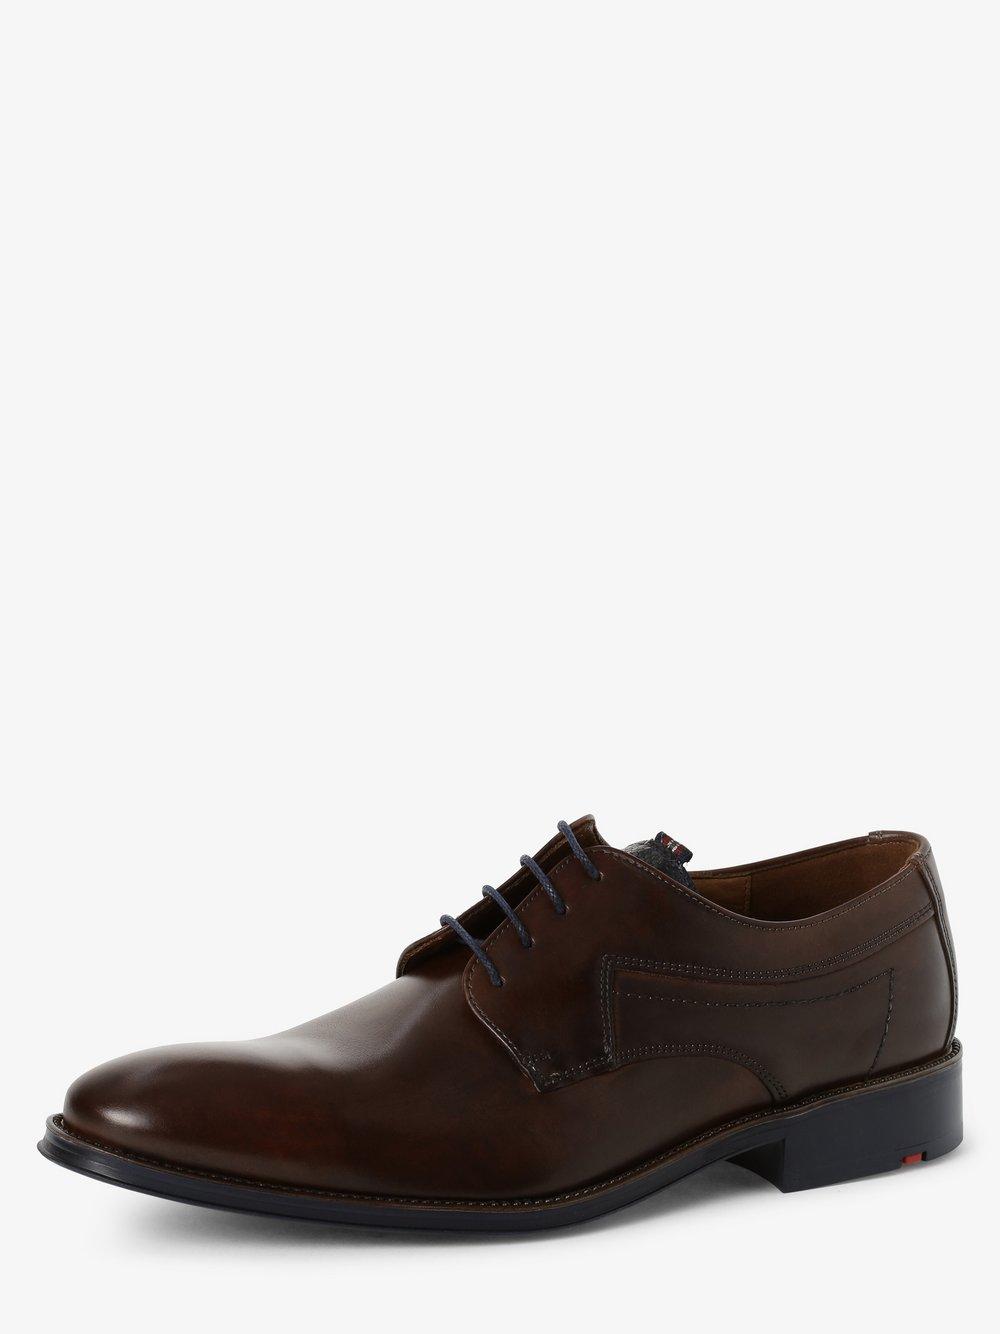 Lloyd – Męskie buty sznurowane ze skóry – Gasal, brązowy Van Graaf 474430-0001-00075